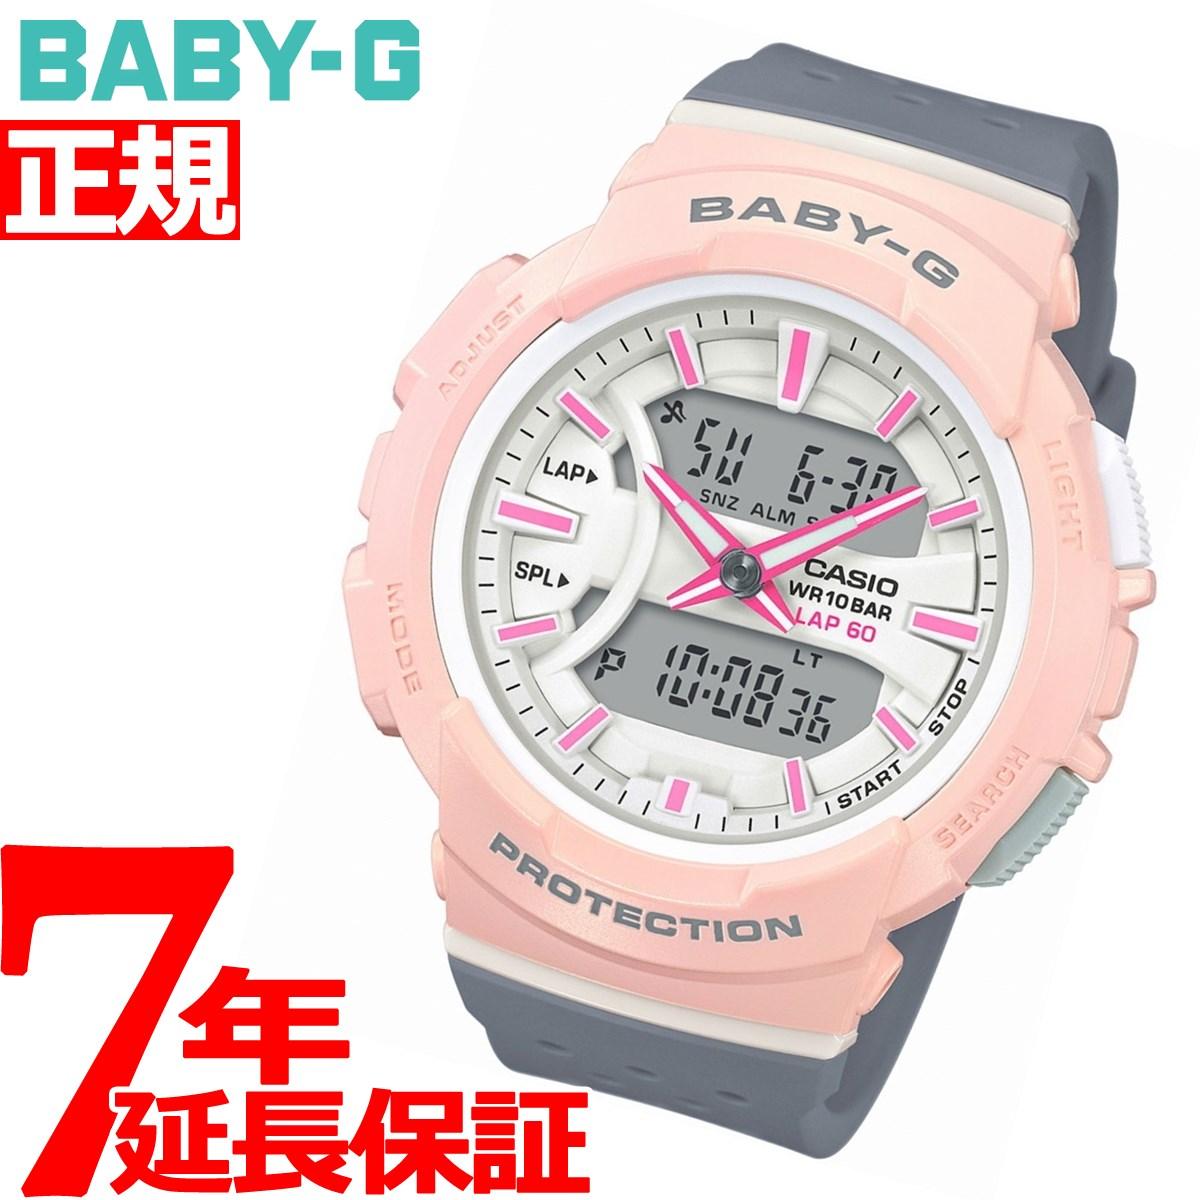 カシオ ベビーG CASIO BABY-G BGA-240 for running 腕時計 レディース BGA-240-4A2JF